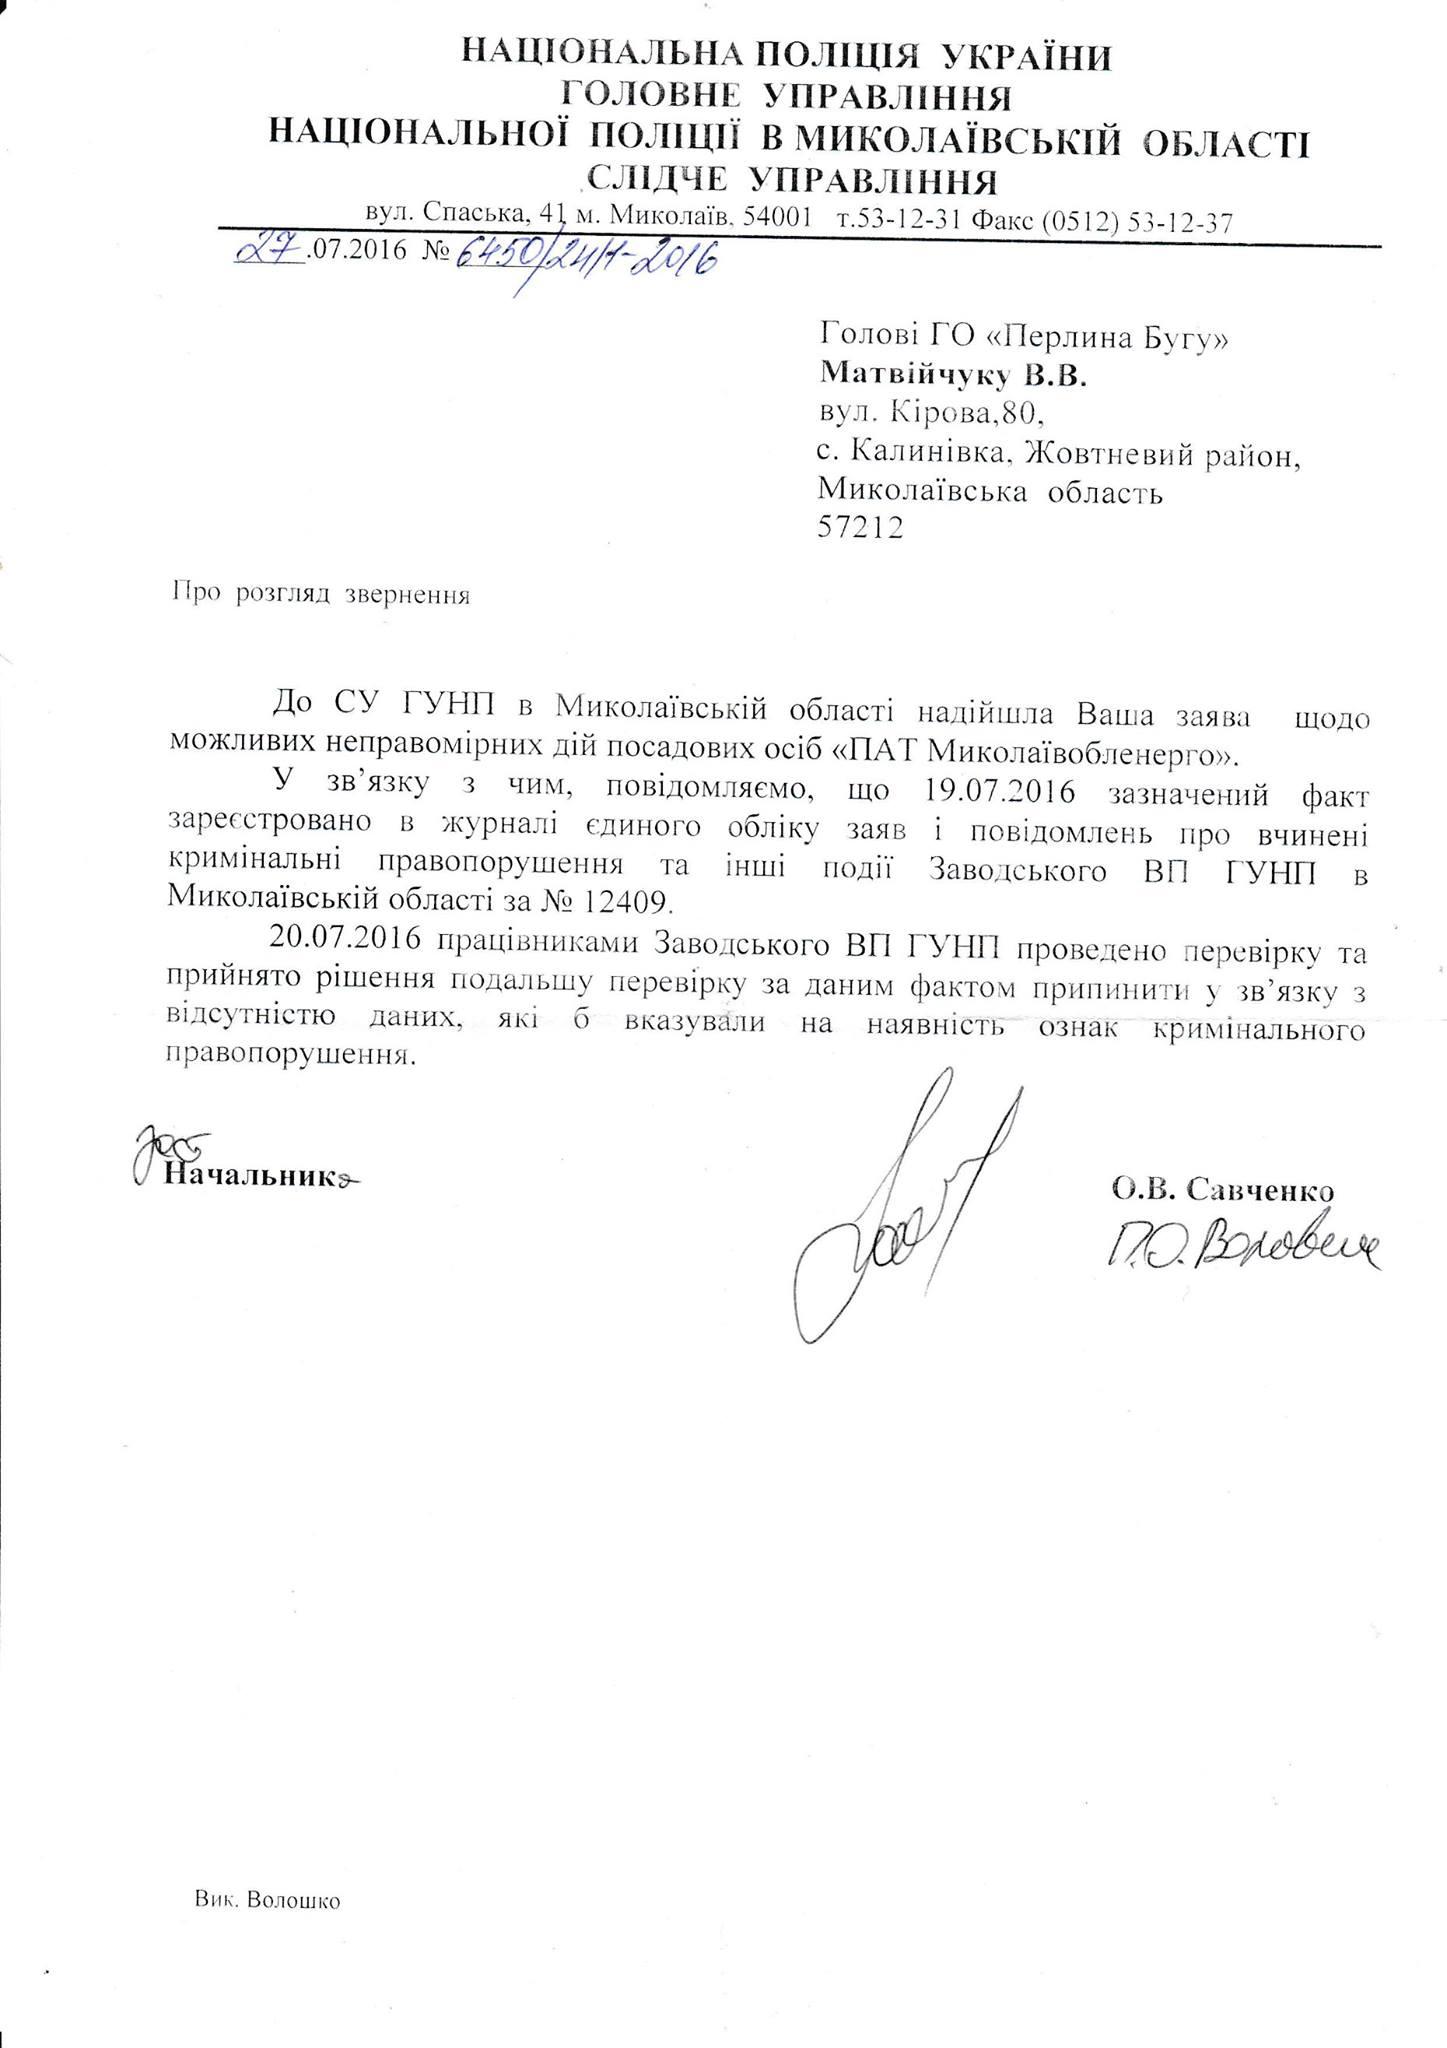 """Активіст заявив, що """"Миколаївобленерго"""" вимагало хабар за проведення інтернету в села"""